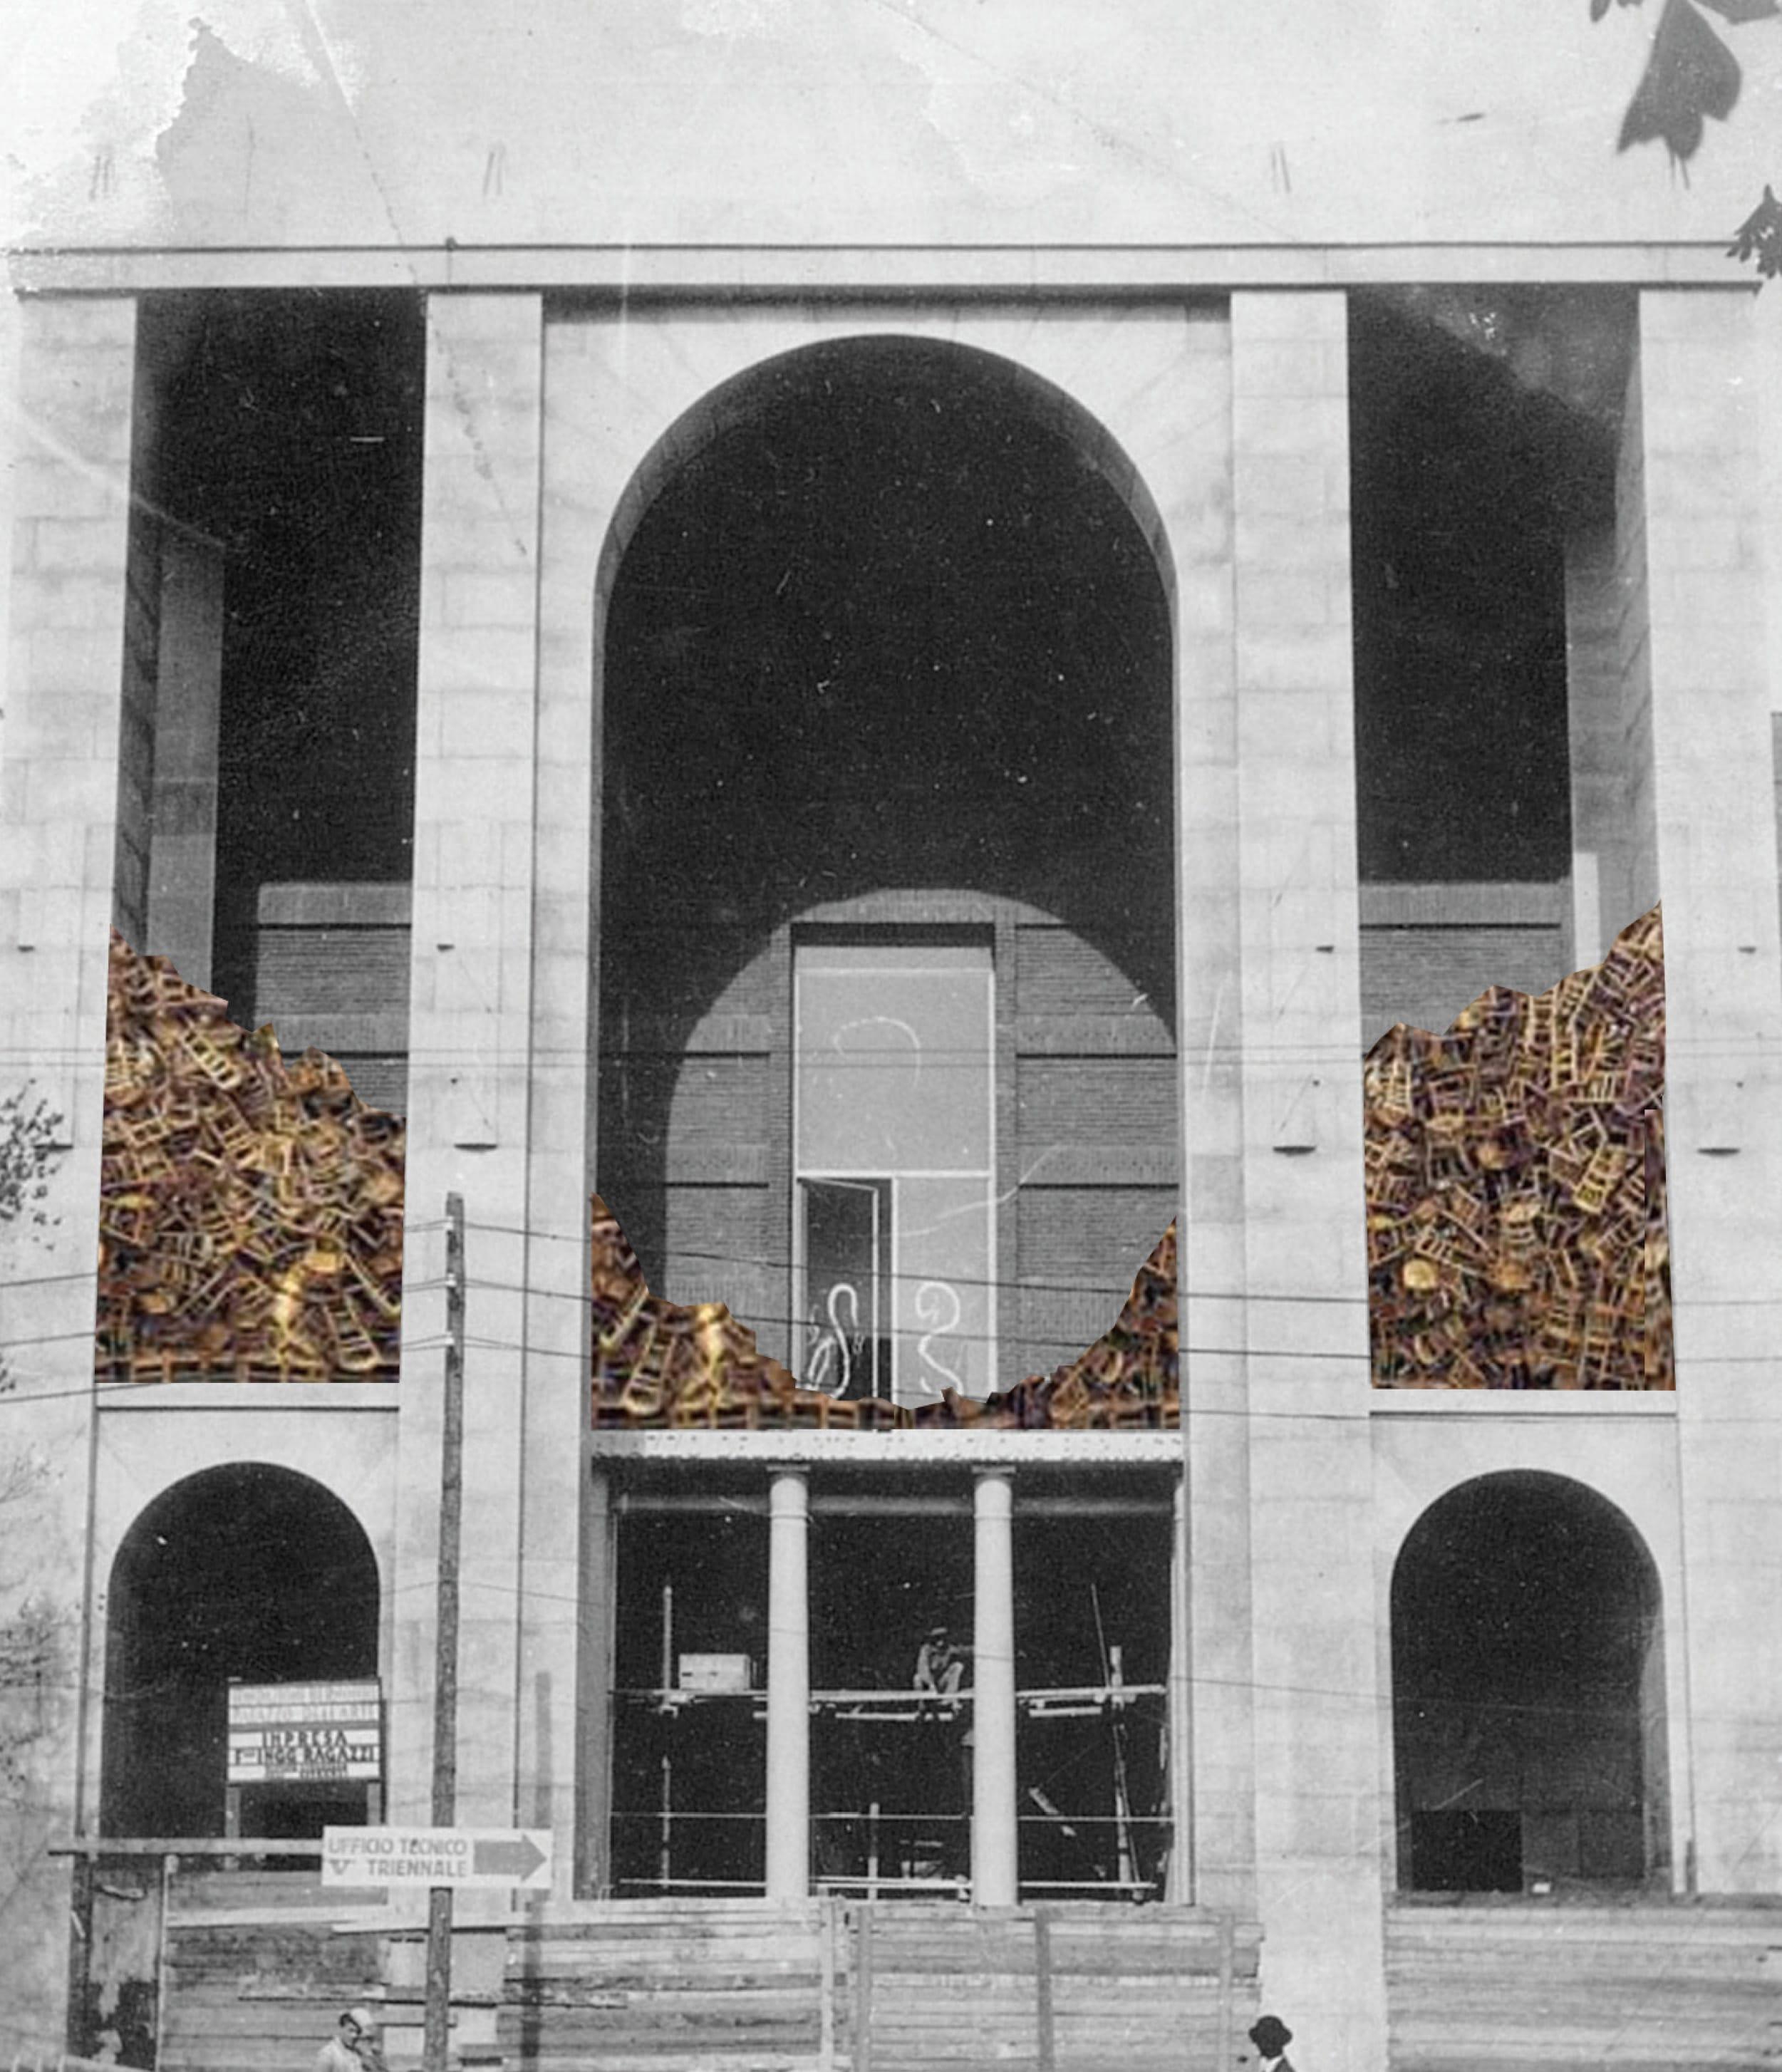 Triennale Milano - Back to Muzio